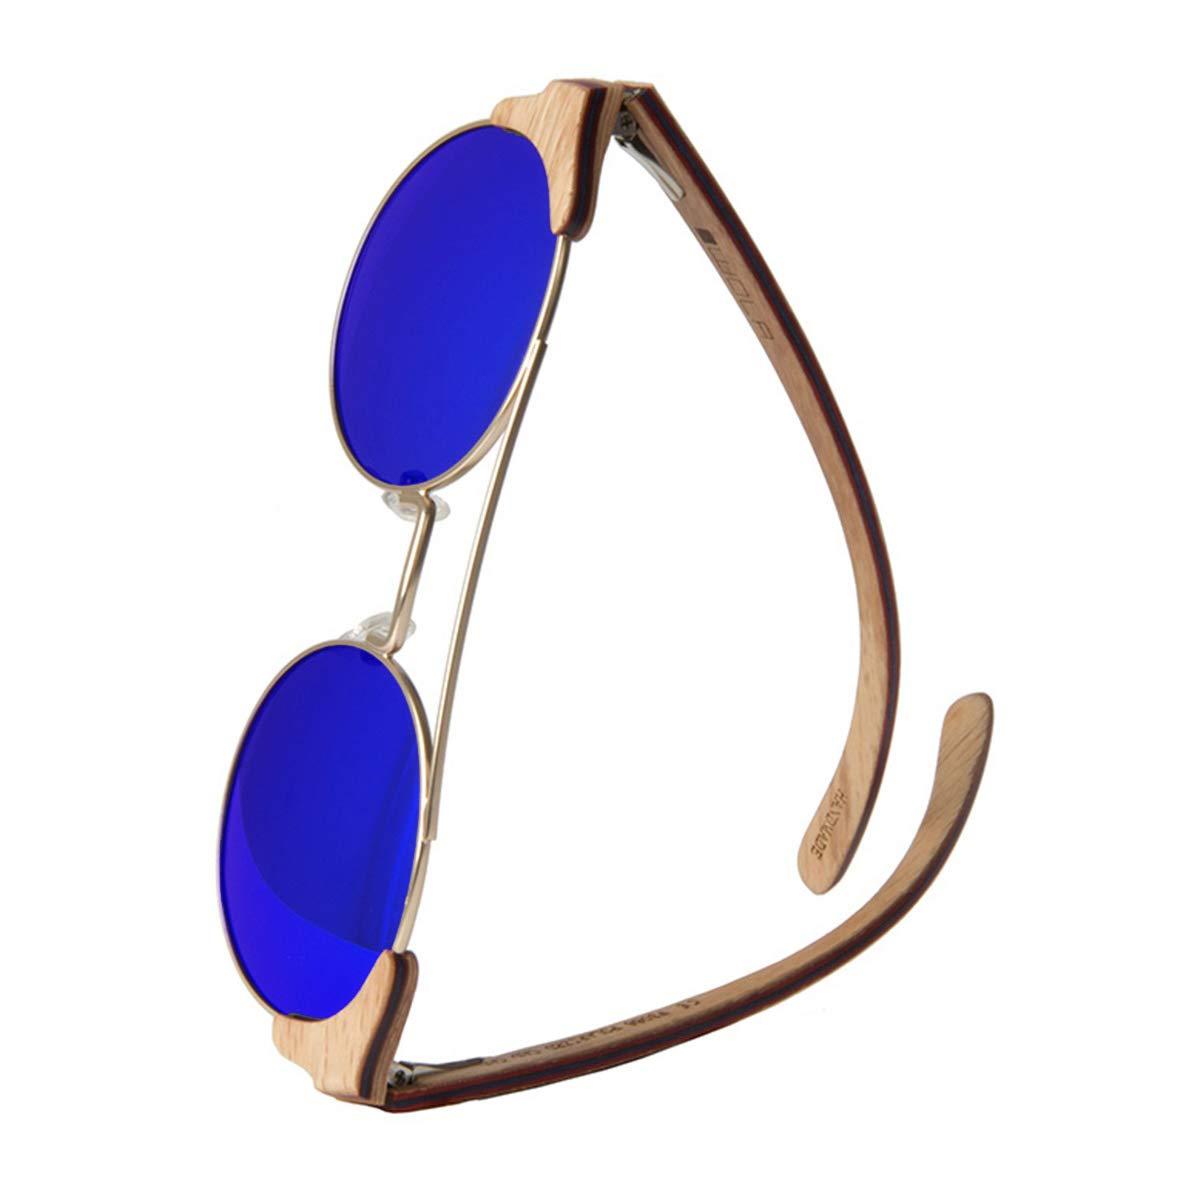 WOLA estilo de redonda gafas de sol en madera FEU mujer y hombre madera, sunglasses UV400 - polarisado